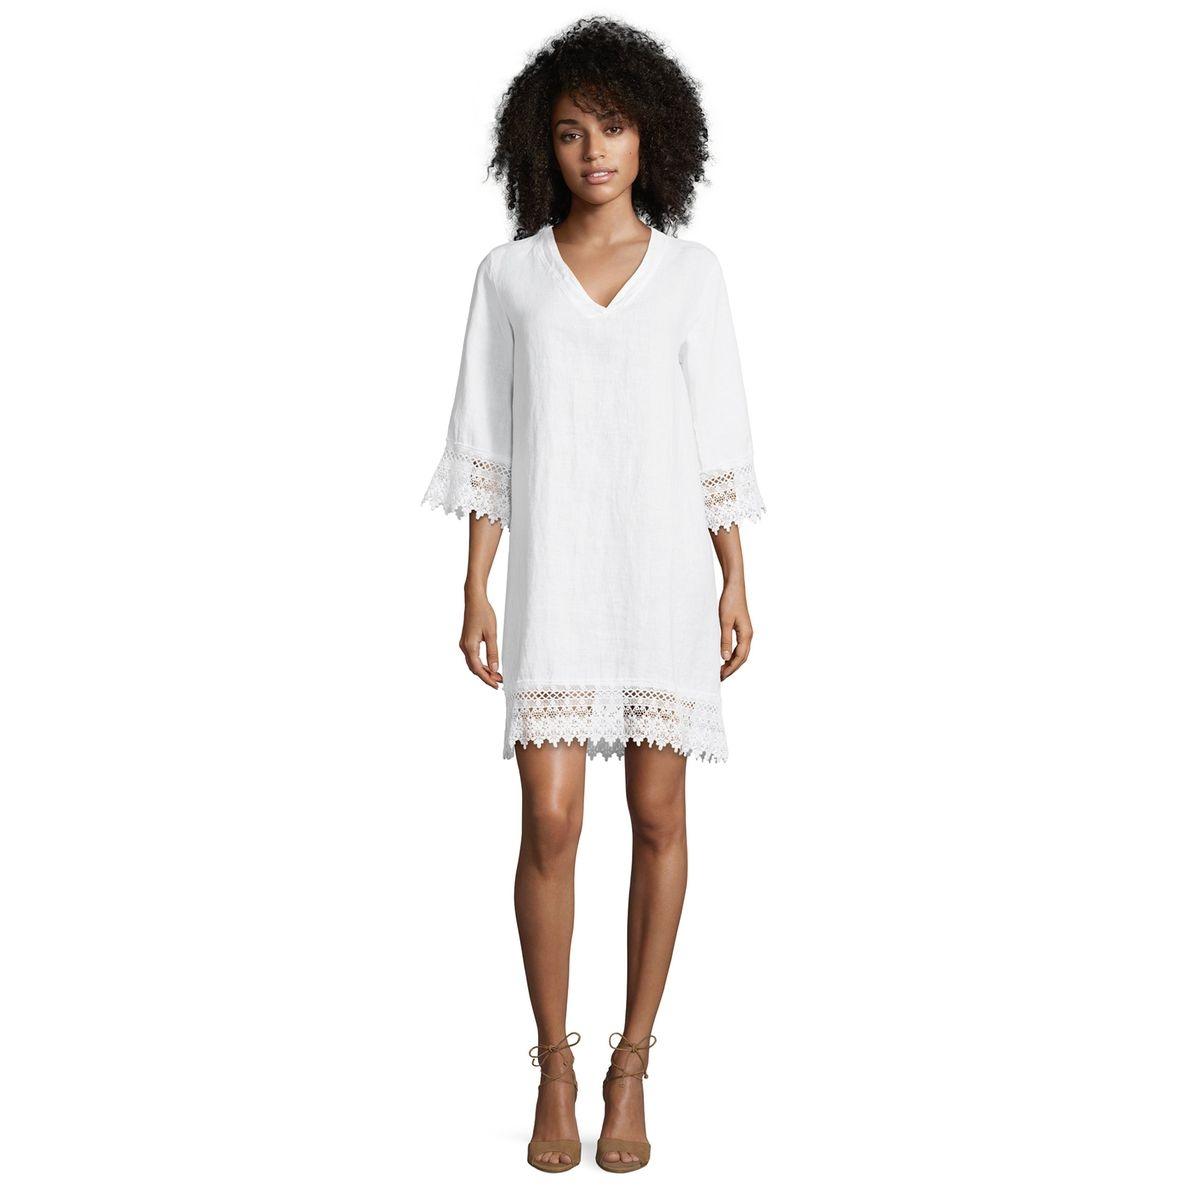 f40e89d590641c Robe tunique en dentelle 𝗽𝗮𝘀 𝗰𝗵𝗲𝗿 - Mes Fringues